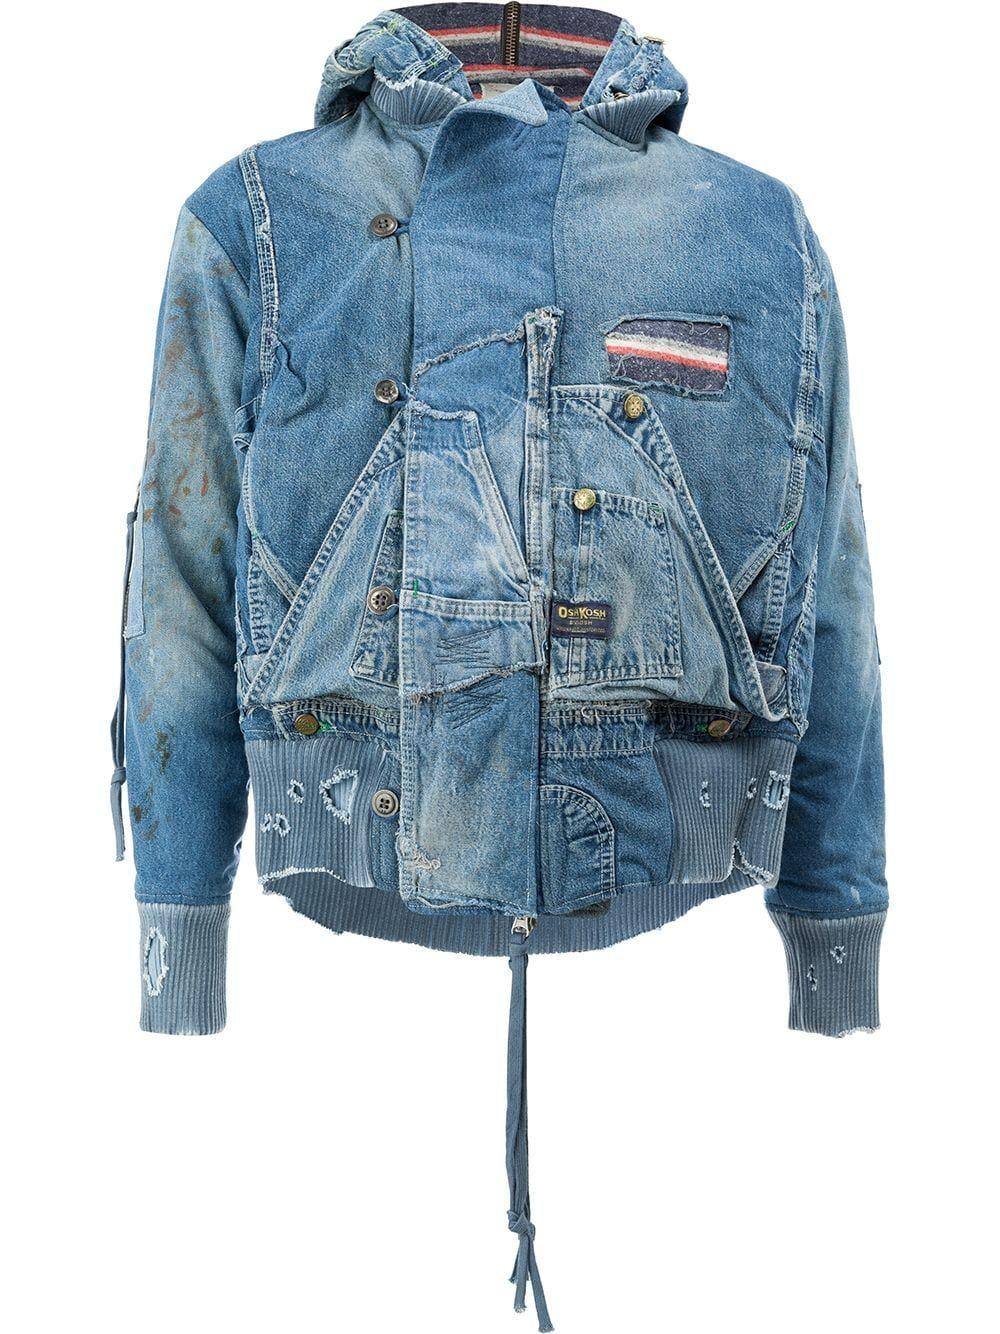 Greg Lauren Snorkel flight jacket Blue in 2020 Denim